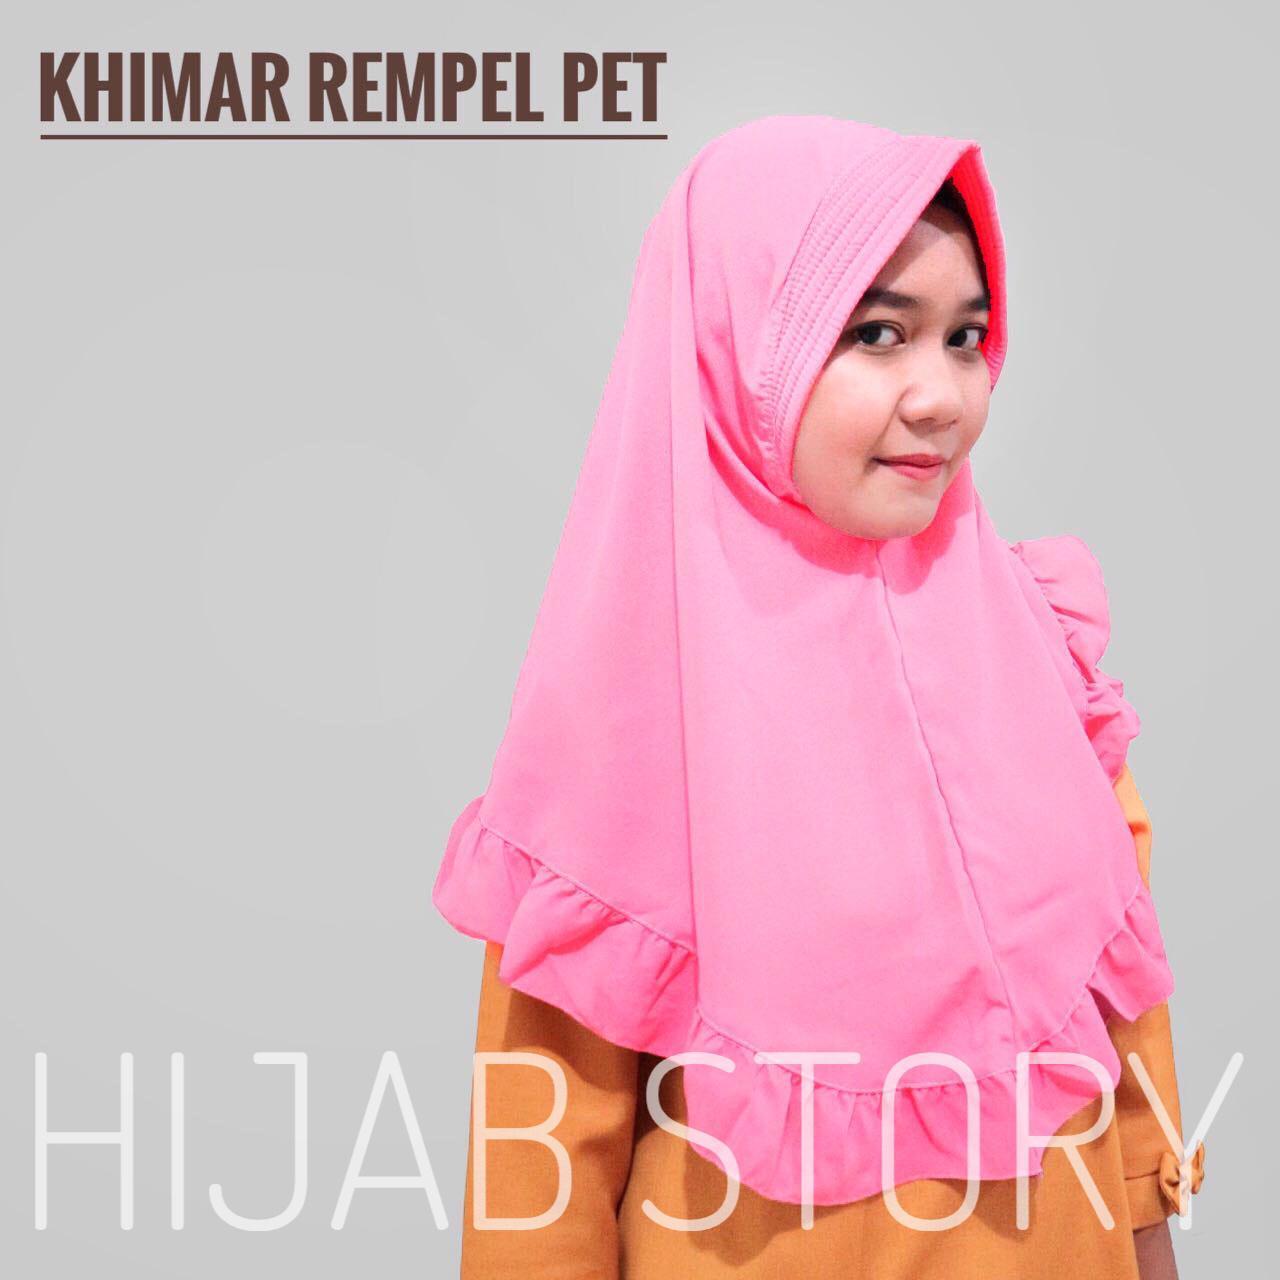 HIJAB STORY KERUDUNG INSTAN Rempel Pet Khimar jilbab wolfis HIJAB kerudung rempel INSTANT